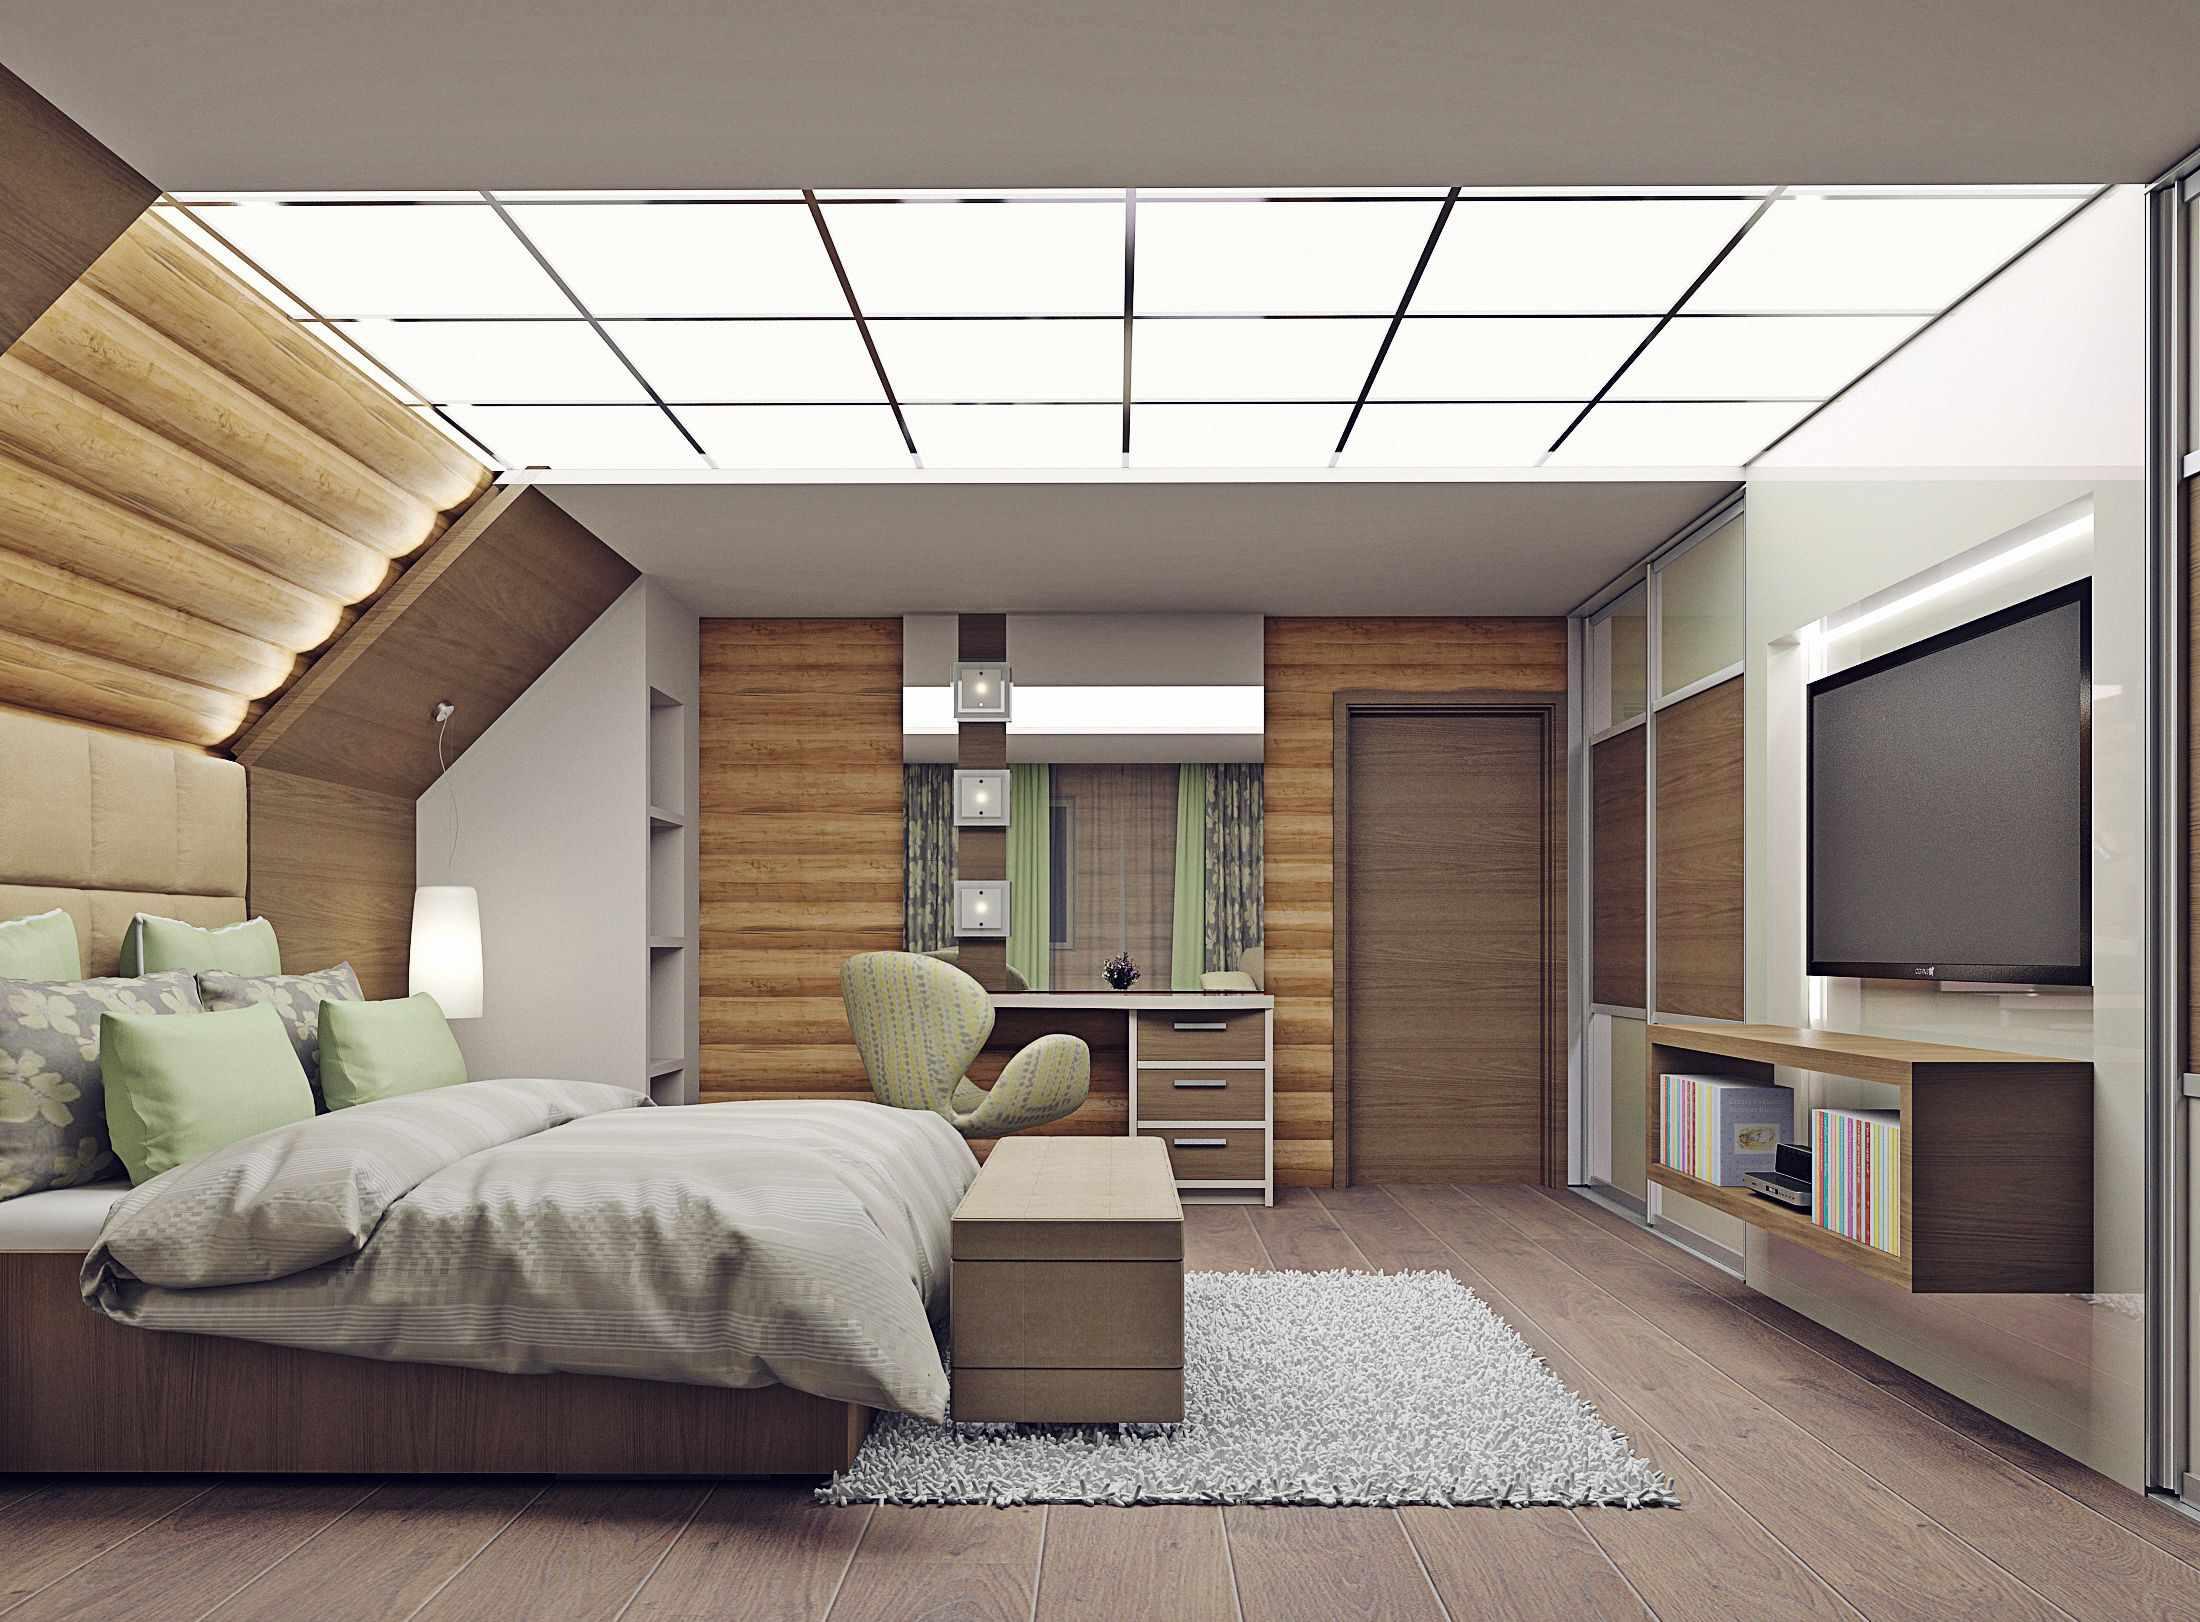 вариант яркого дизайна спальной комнаты в мансарде